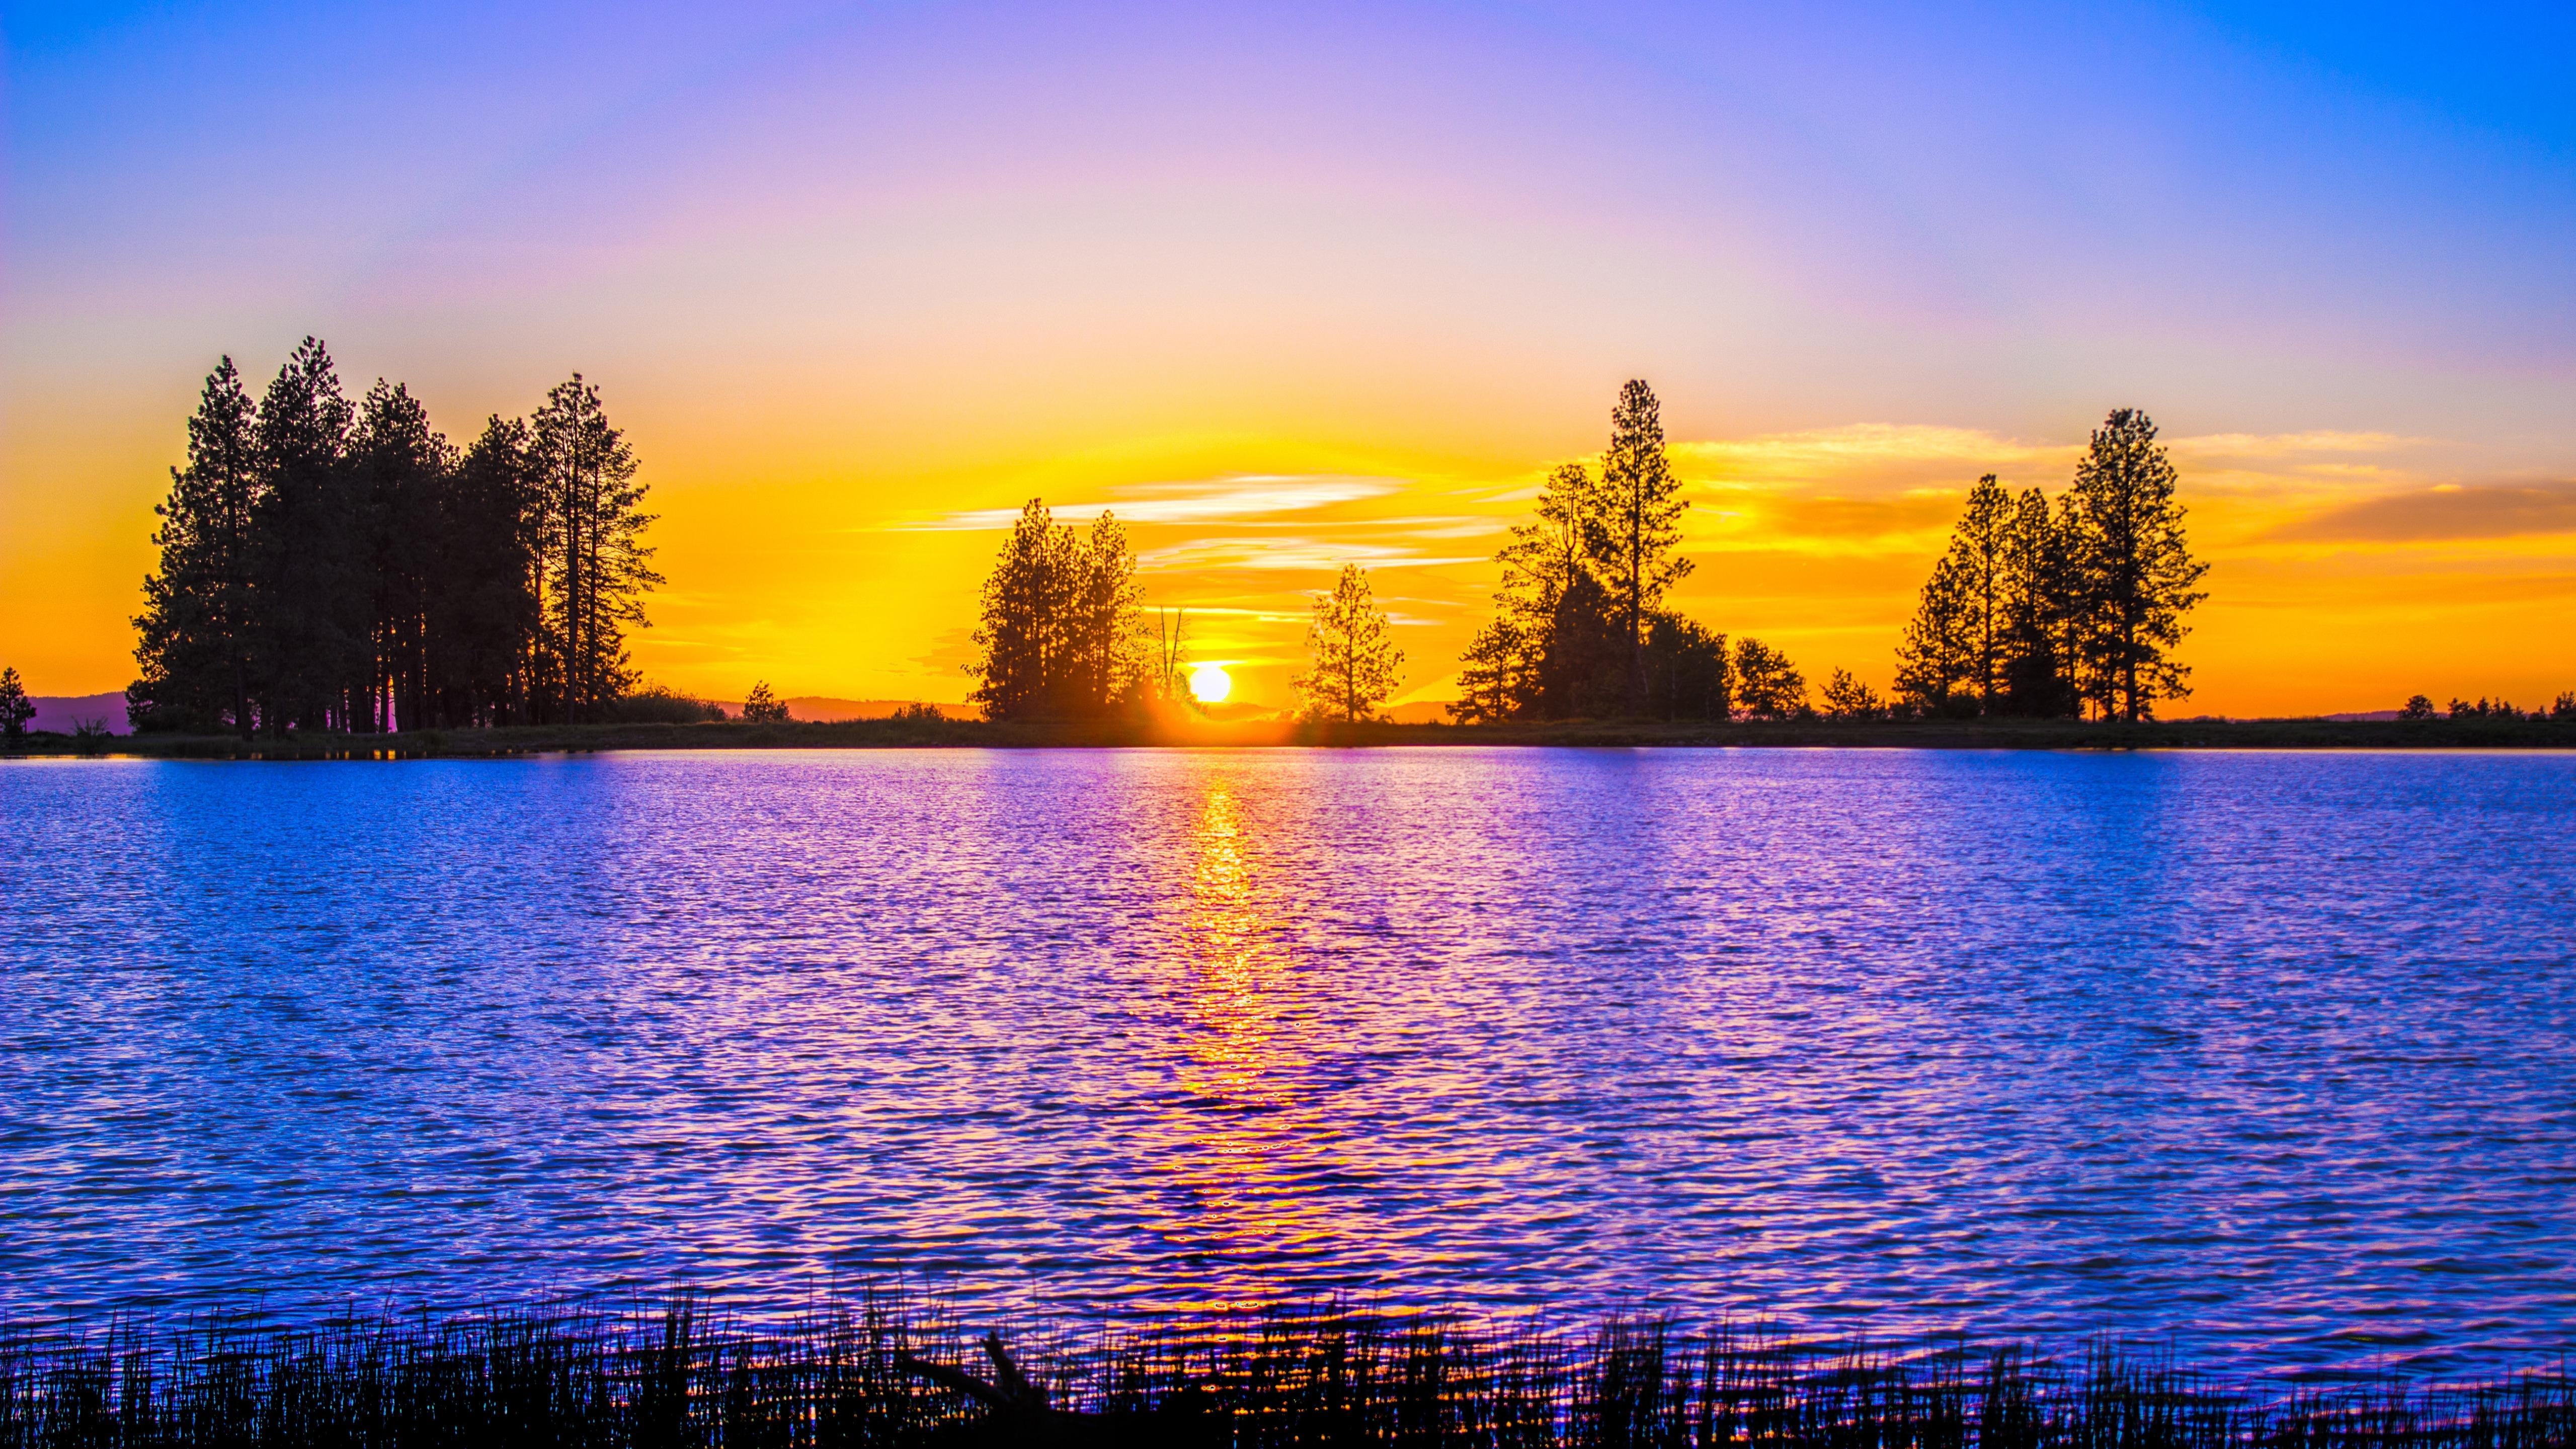 Fondos de pantalla Lago contra la puesta de sol